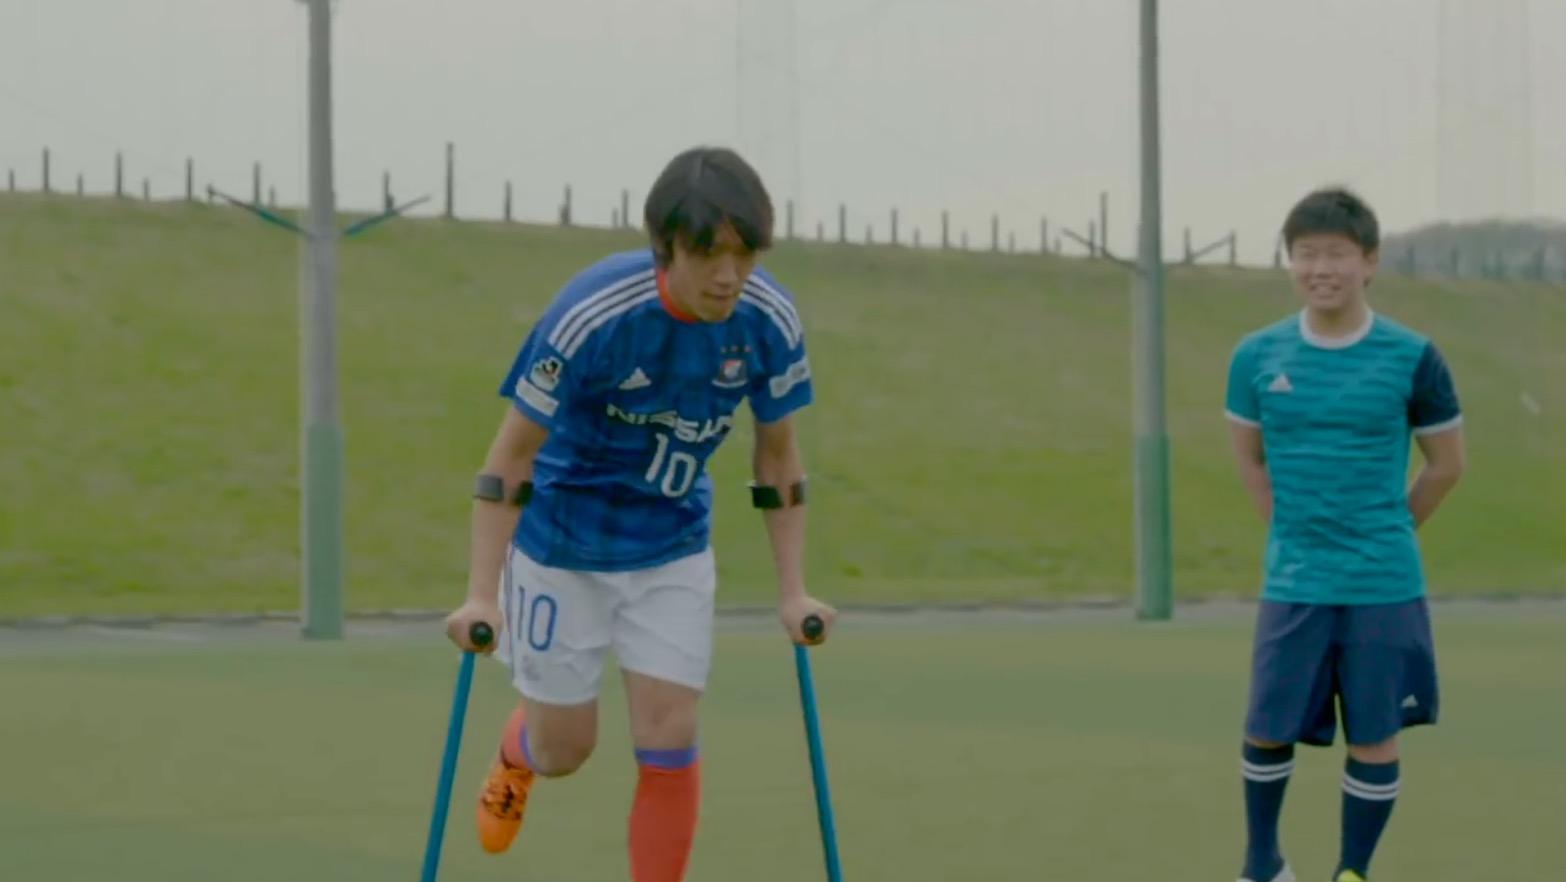 中村俊輔選手に闘病の一番辛い時期に生きる勇気をもらった少年。「直接お礼が言いたい」という夢がサプライズ成就!!